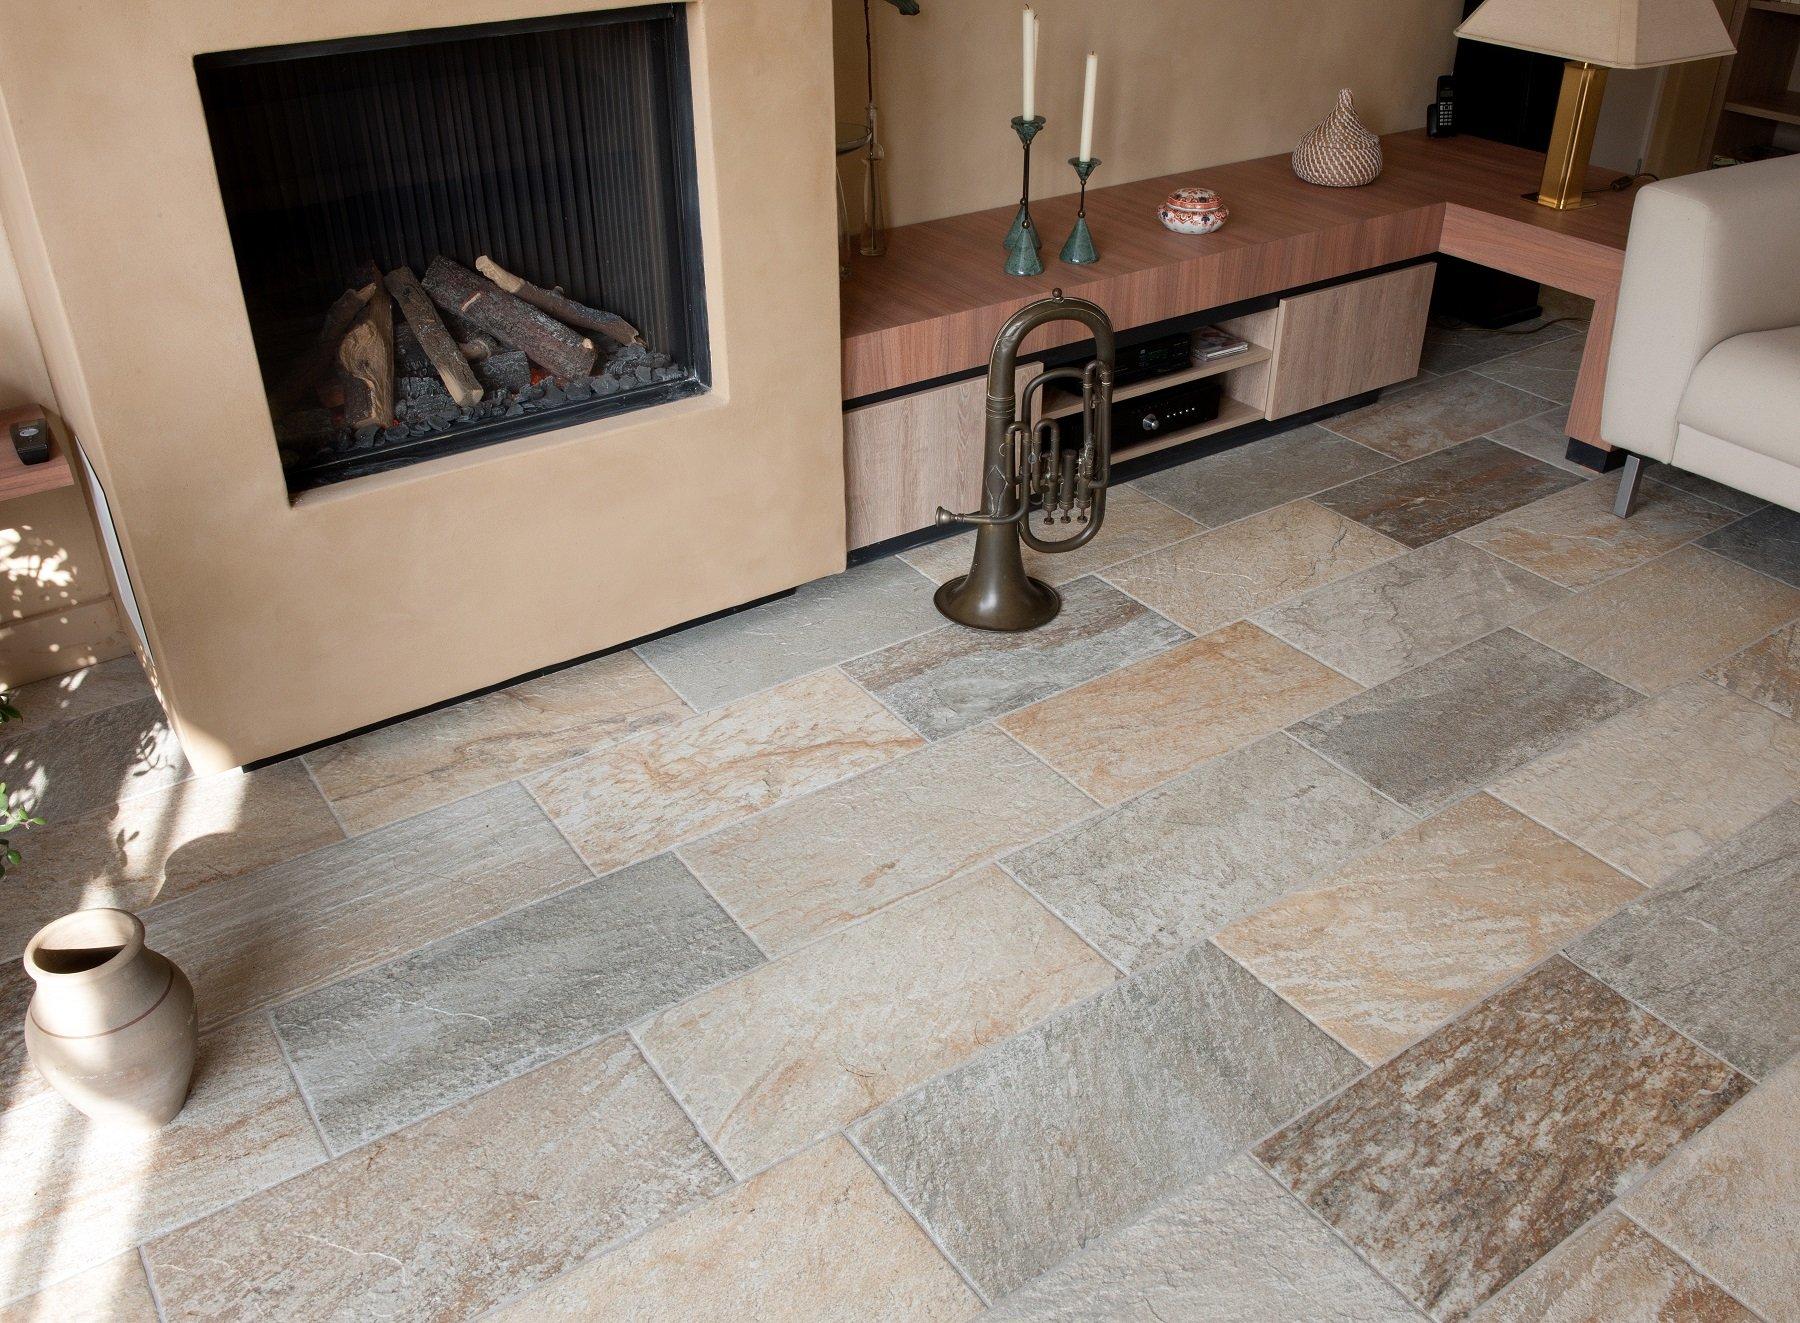 Keramische vloertegels in noord brabant kroon vloeren in steen - Keramische vloeren ...